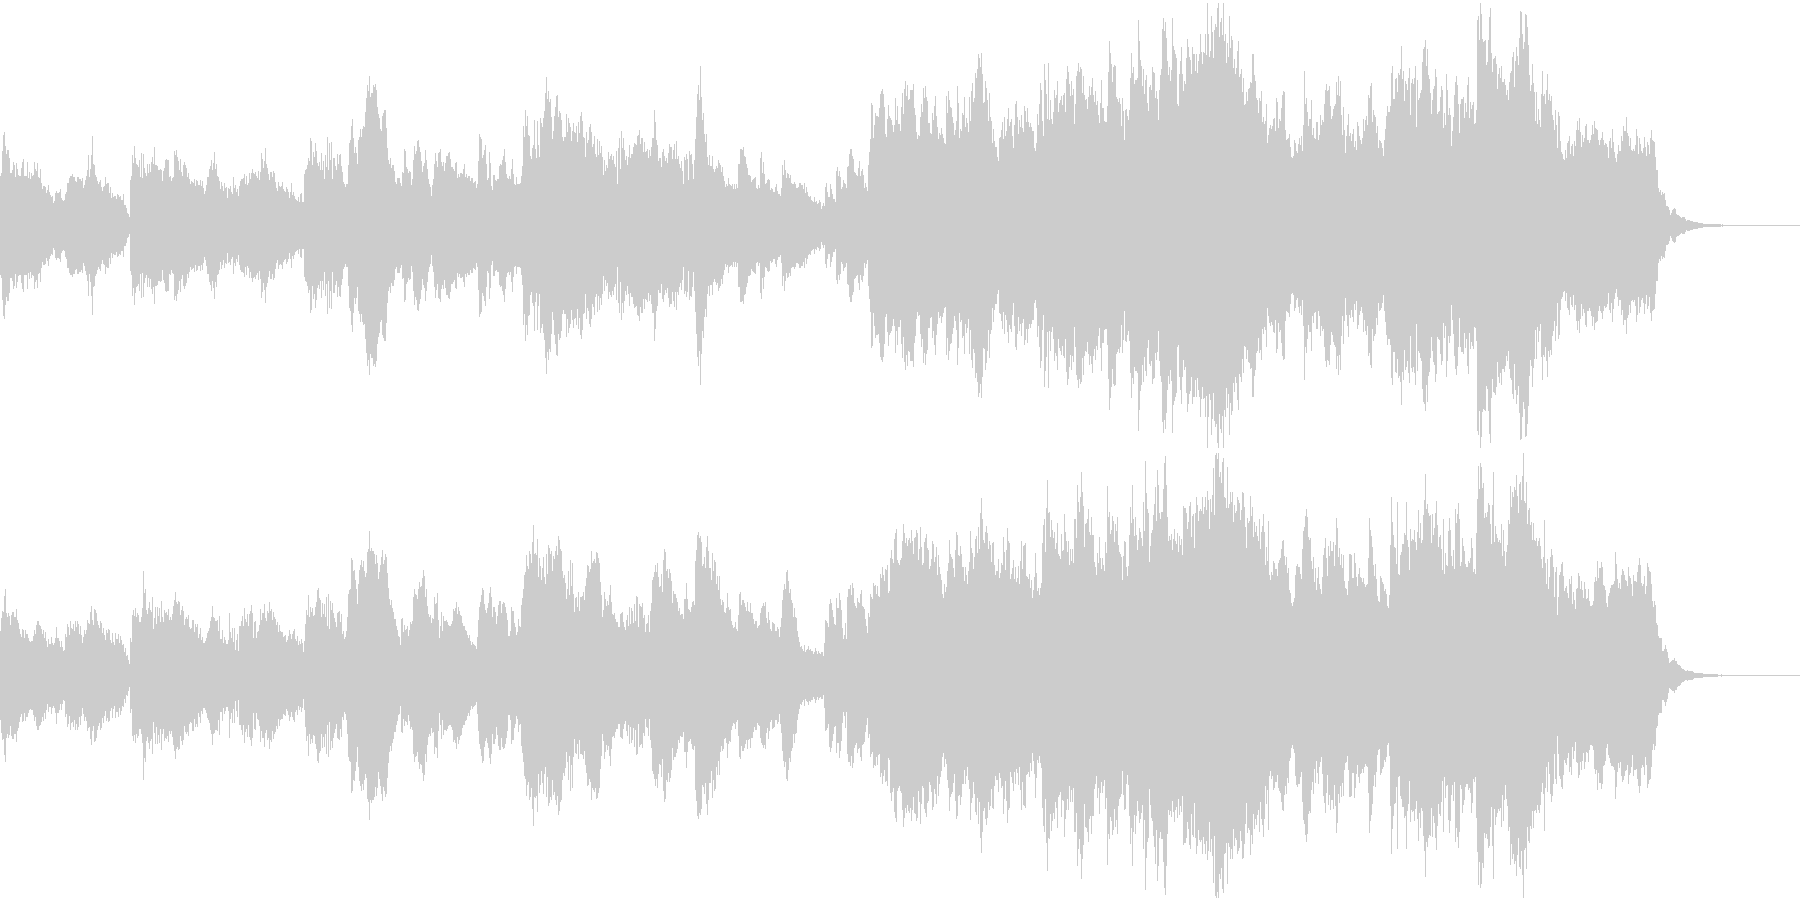 イントロ ジングル オーケストラ風アレンの未再生の波形